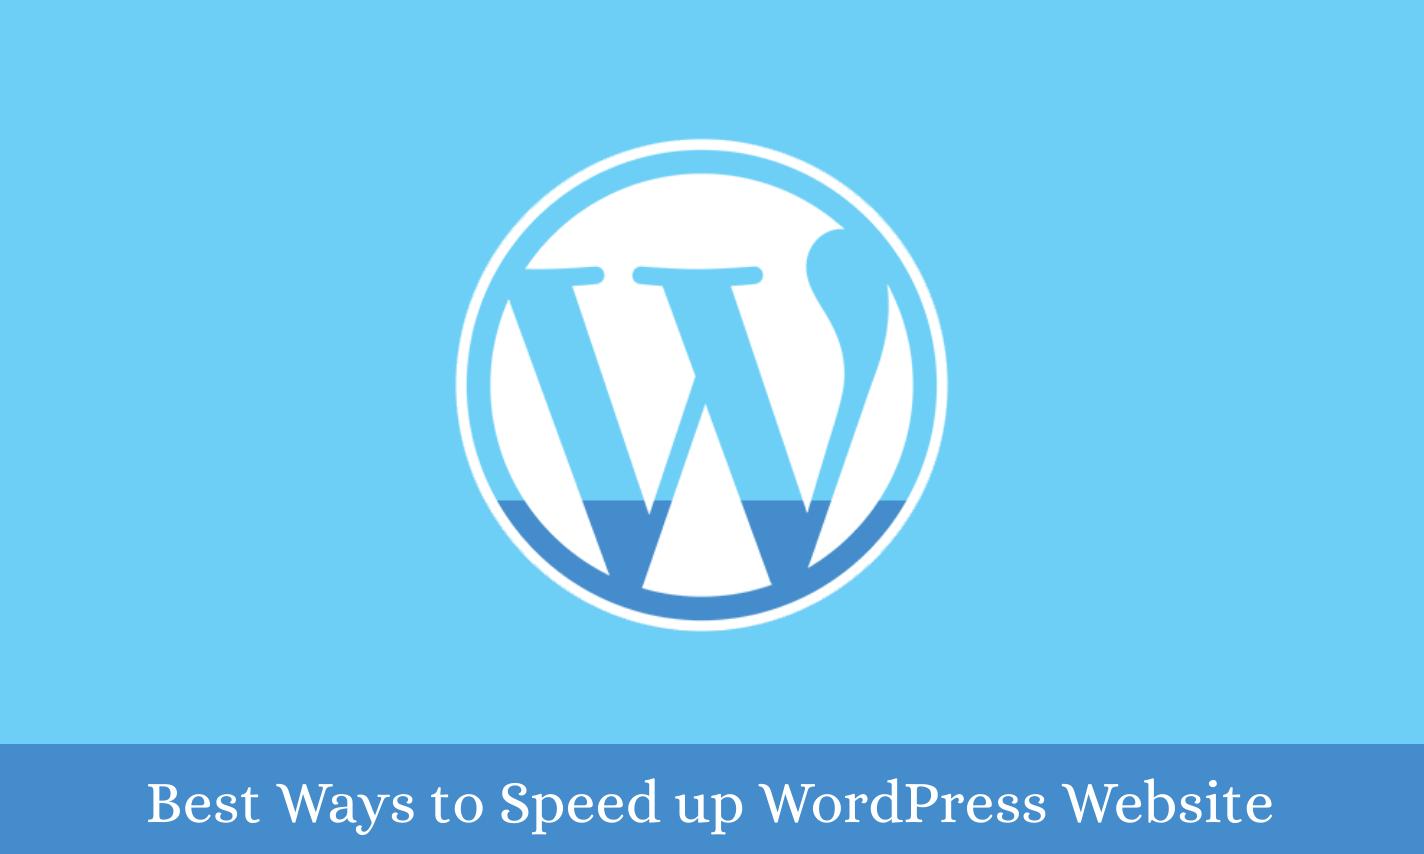 Best-ways-to-speed-up-wordpress-website